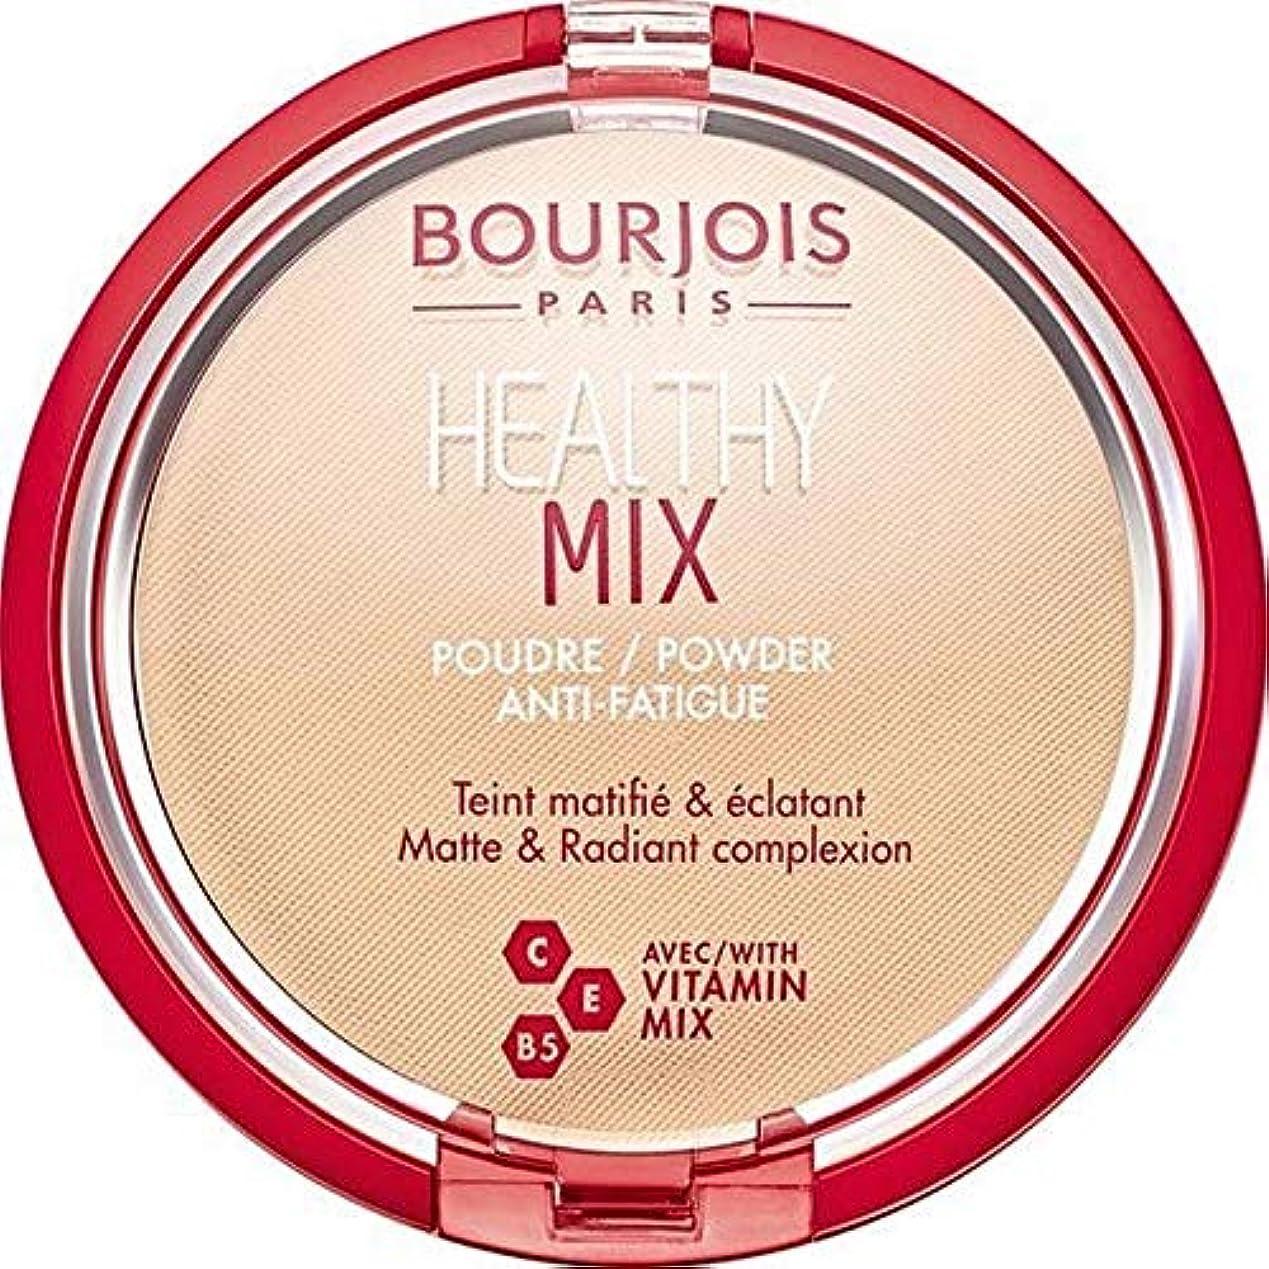 鳥修復雄弁な[Bourjois ] ブルジョワヘルシーミックス粉1を押します - Bourjois Healthy Mix Pressed Powder 1 [並行輸入品]